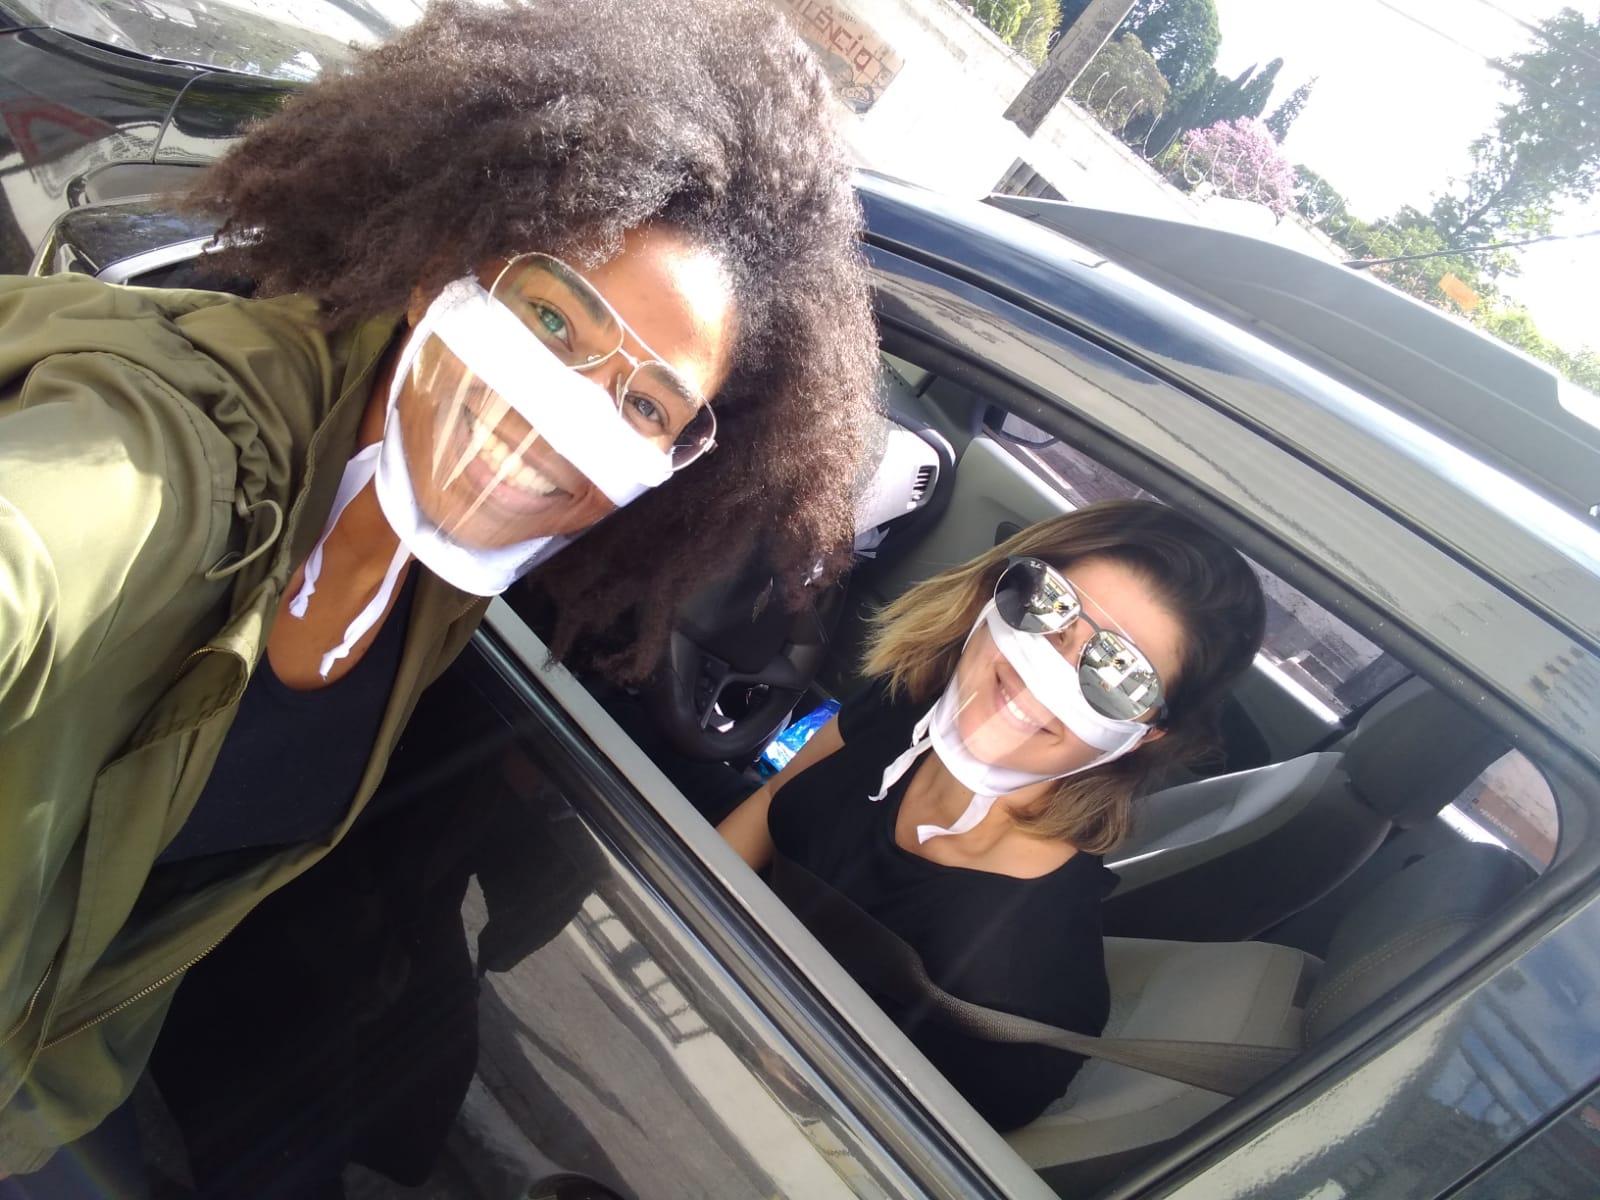 foto de grace, negra vestindo a máscara transparente ao lado de outra colega dentro de um carro